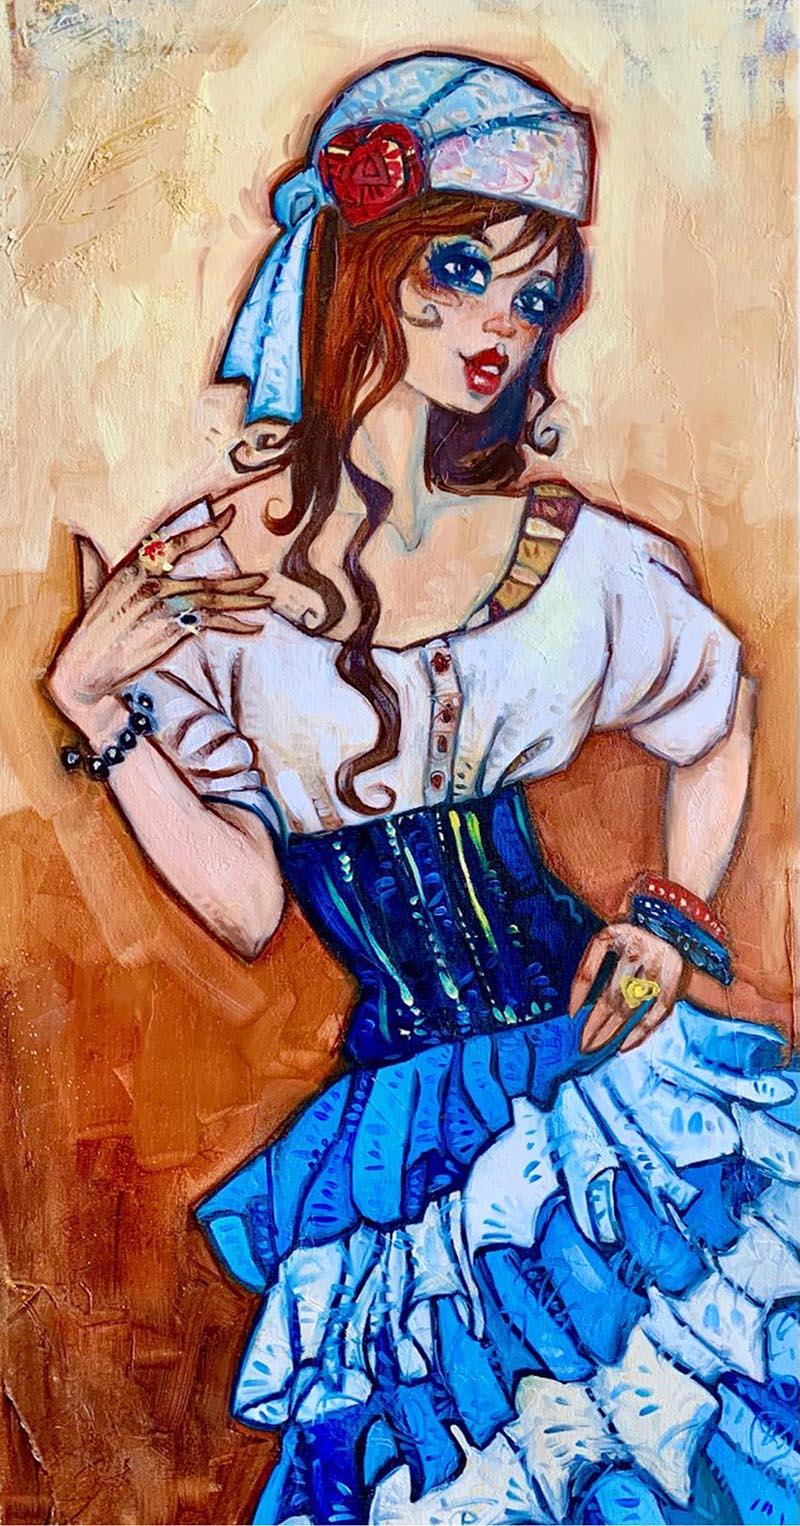 Gypsy - Todd White